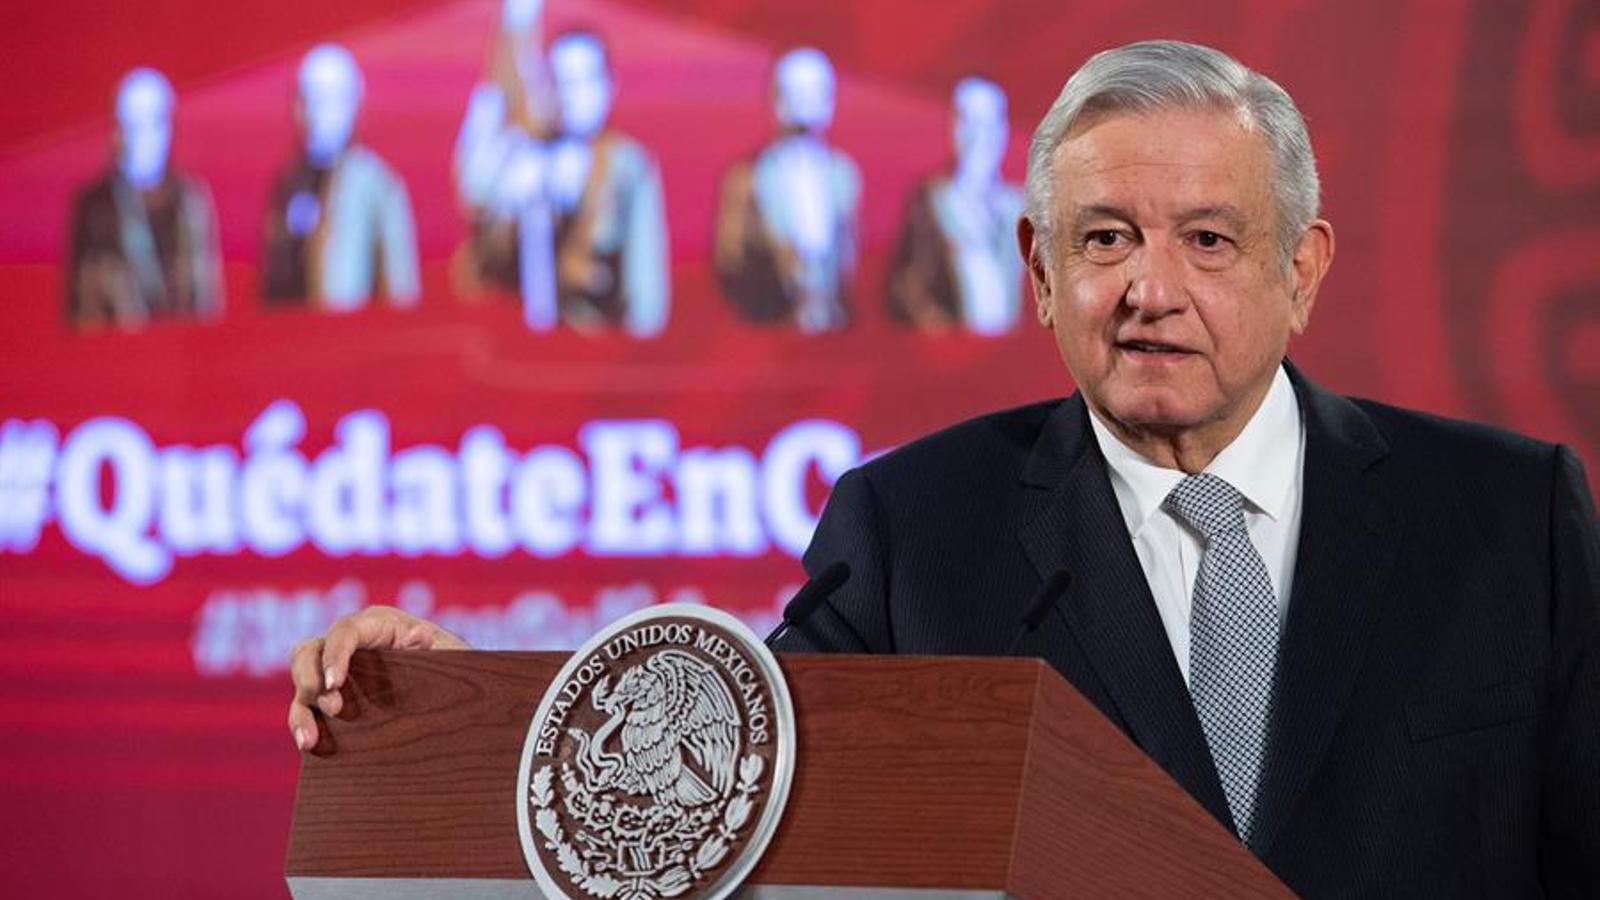 """Crítiques al president mexicà per dir sense proves que el 90% de les denúncies de violència masclista són """"falses"""""""